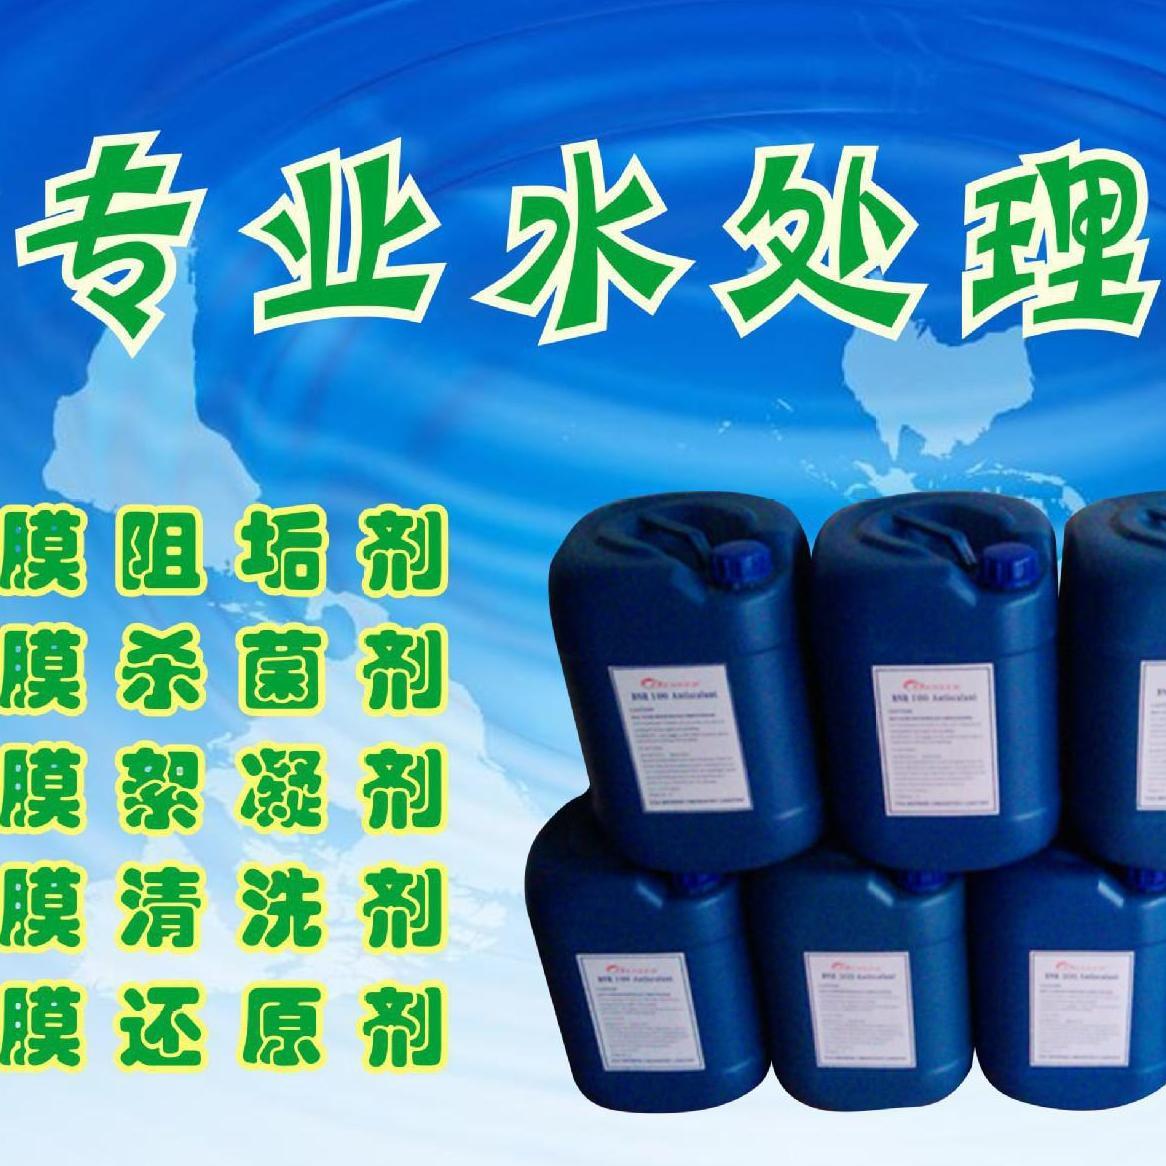 供应有机磷聚羧酸及磺酸盐共聚物阻垢分散剂